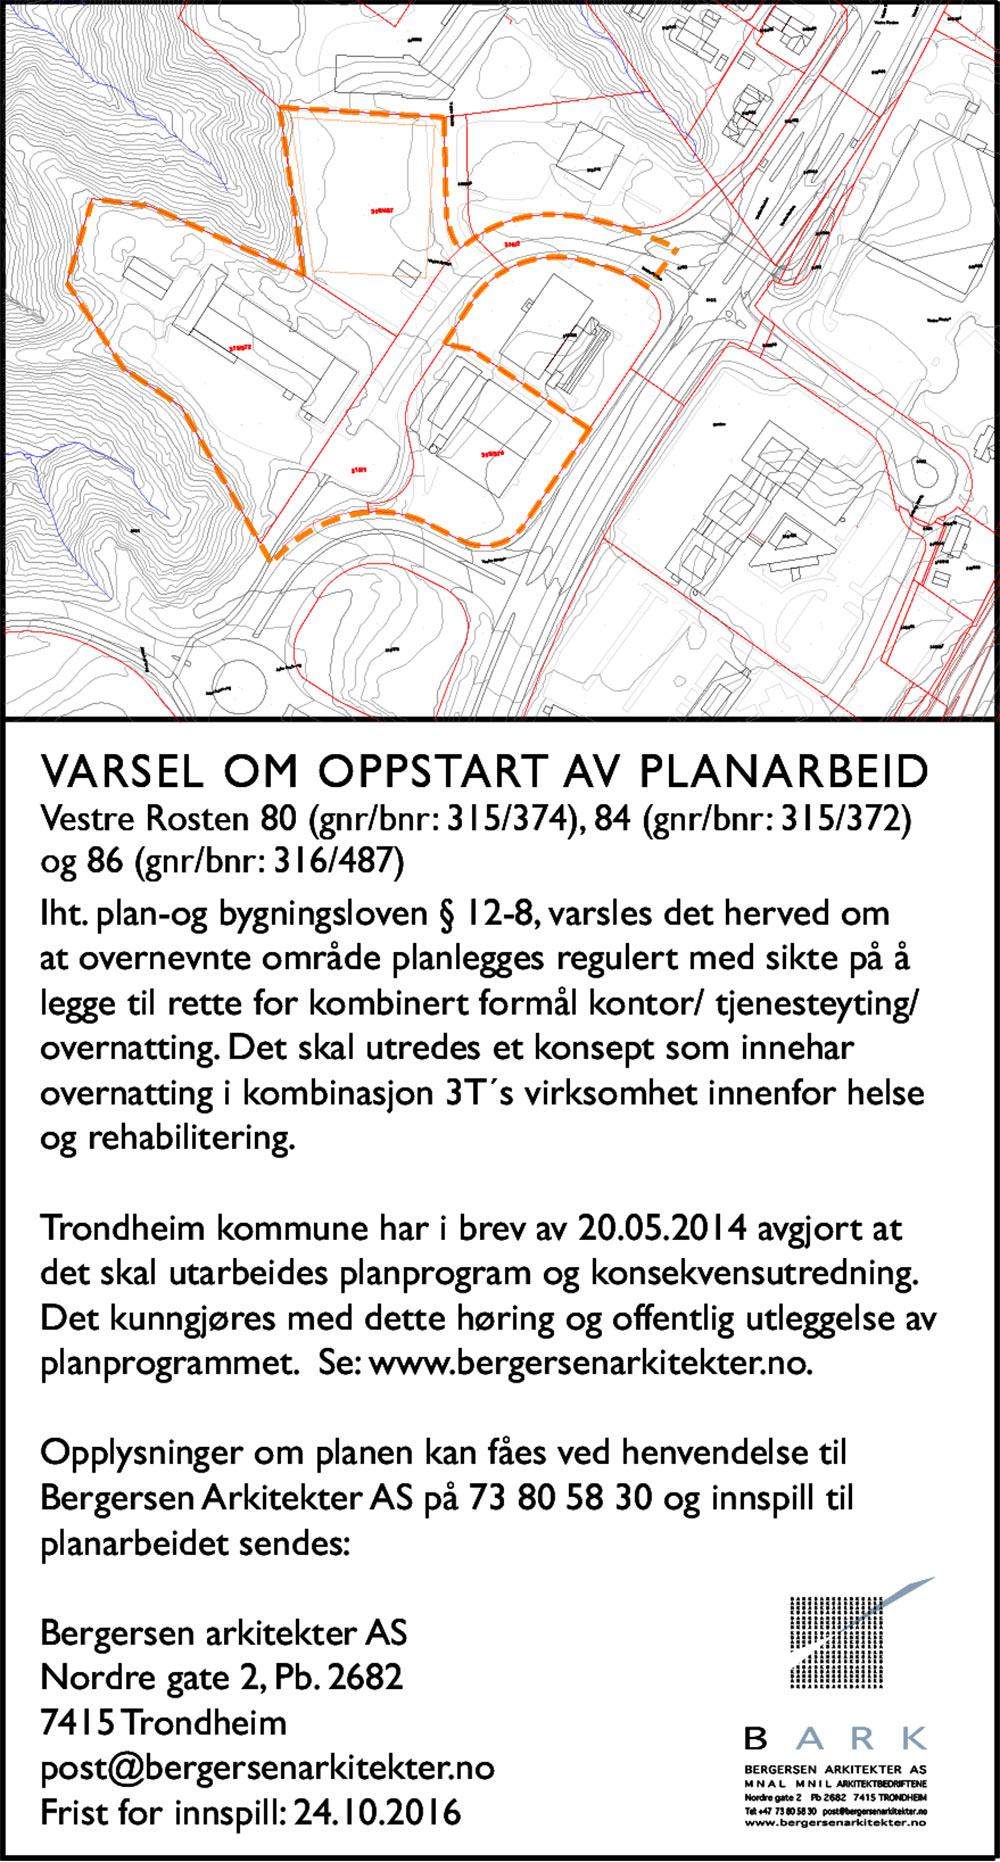 2016-09-08-kunngjoringsannonse_varsel_om_oppstart_planarbeid_vestre_rosten_80_84_86